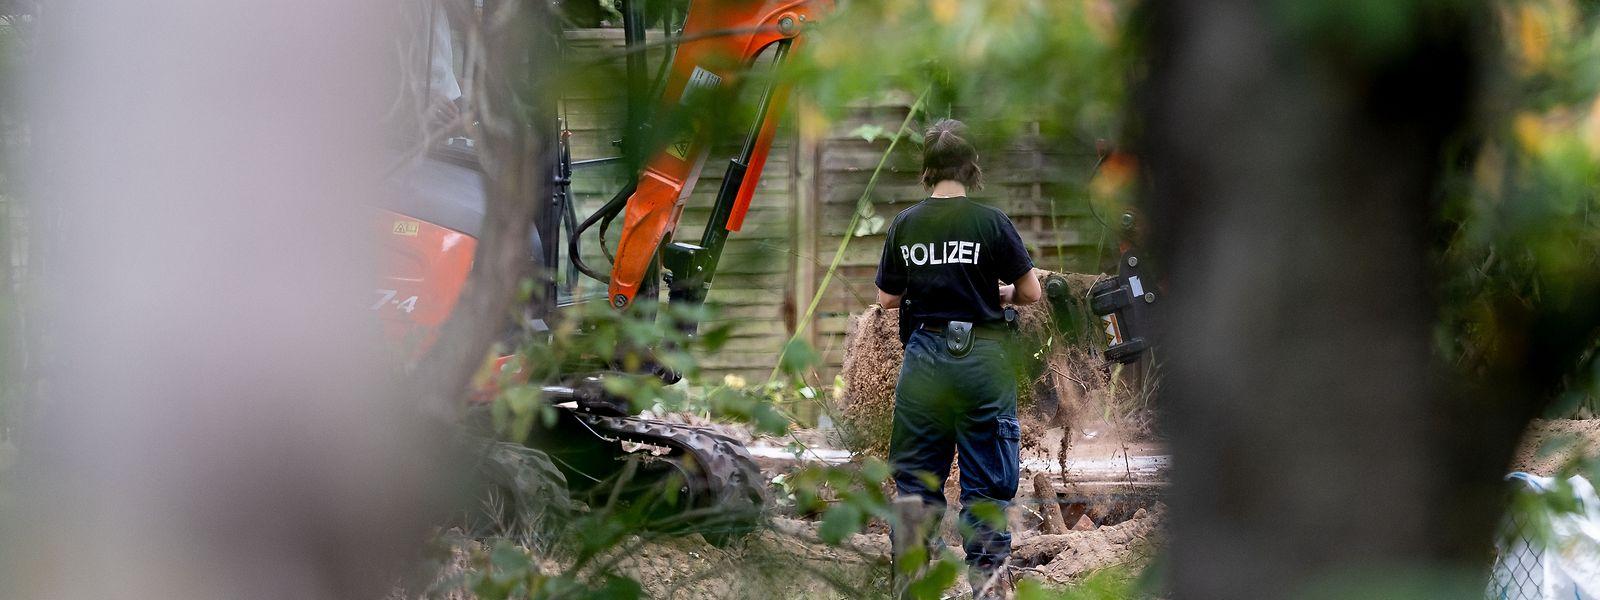 Polizeibeamte durchsuchen eine Kleingarten-Parzelle bei Seelze.